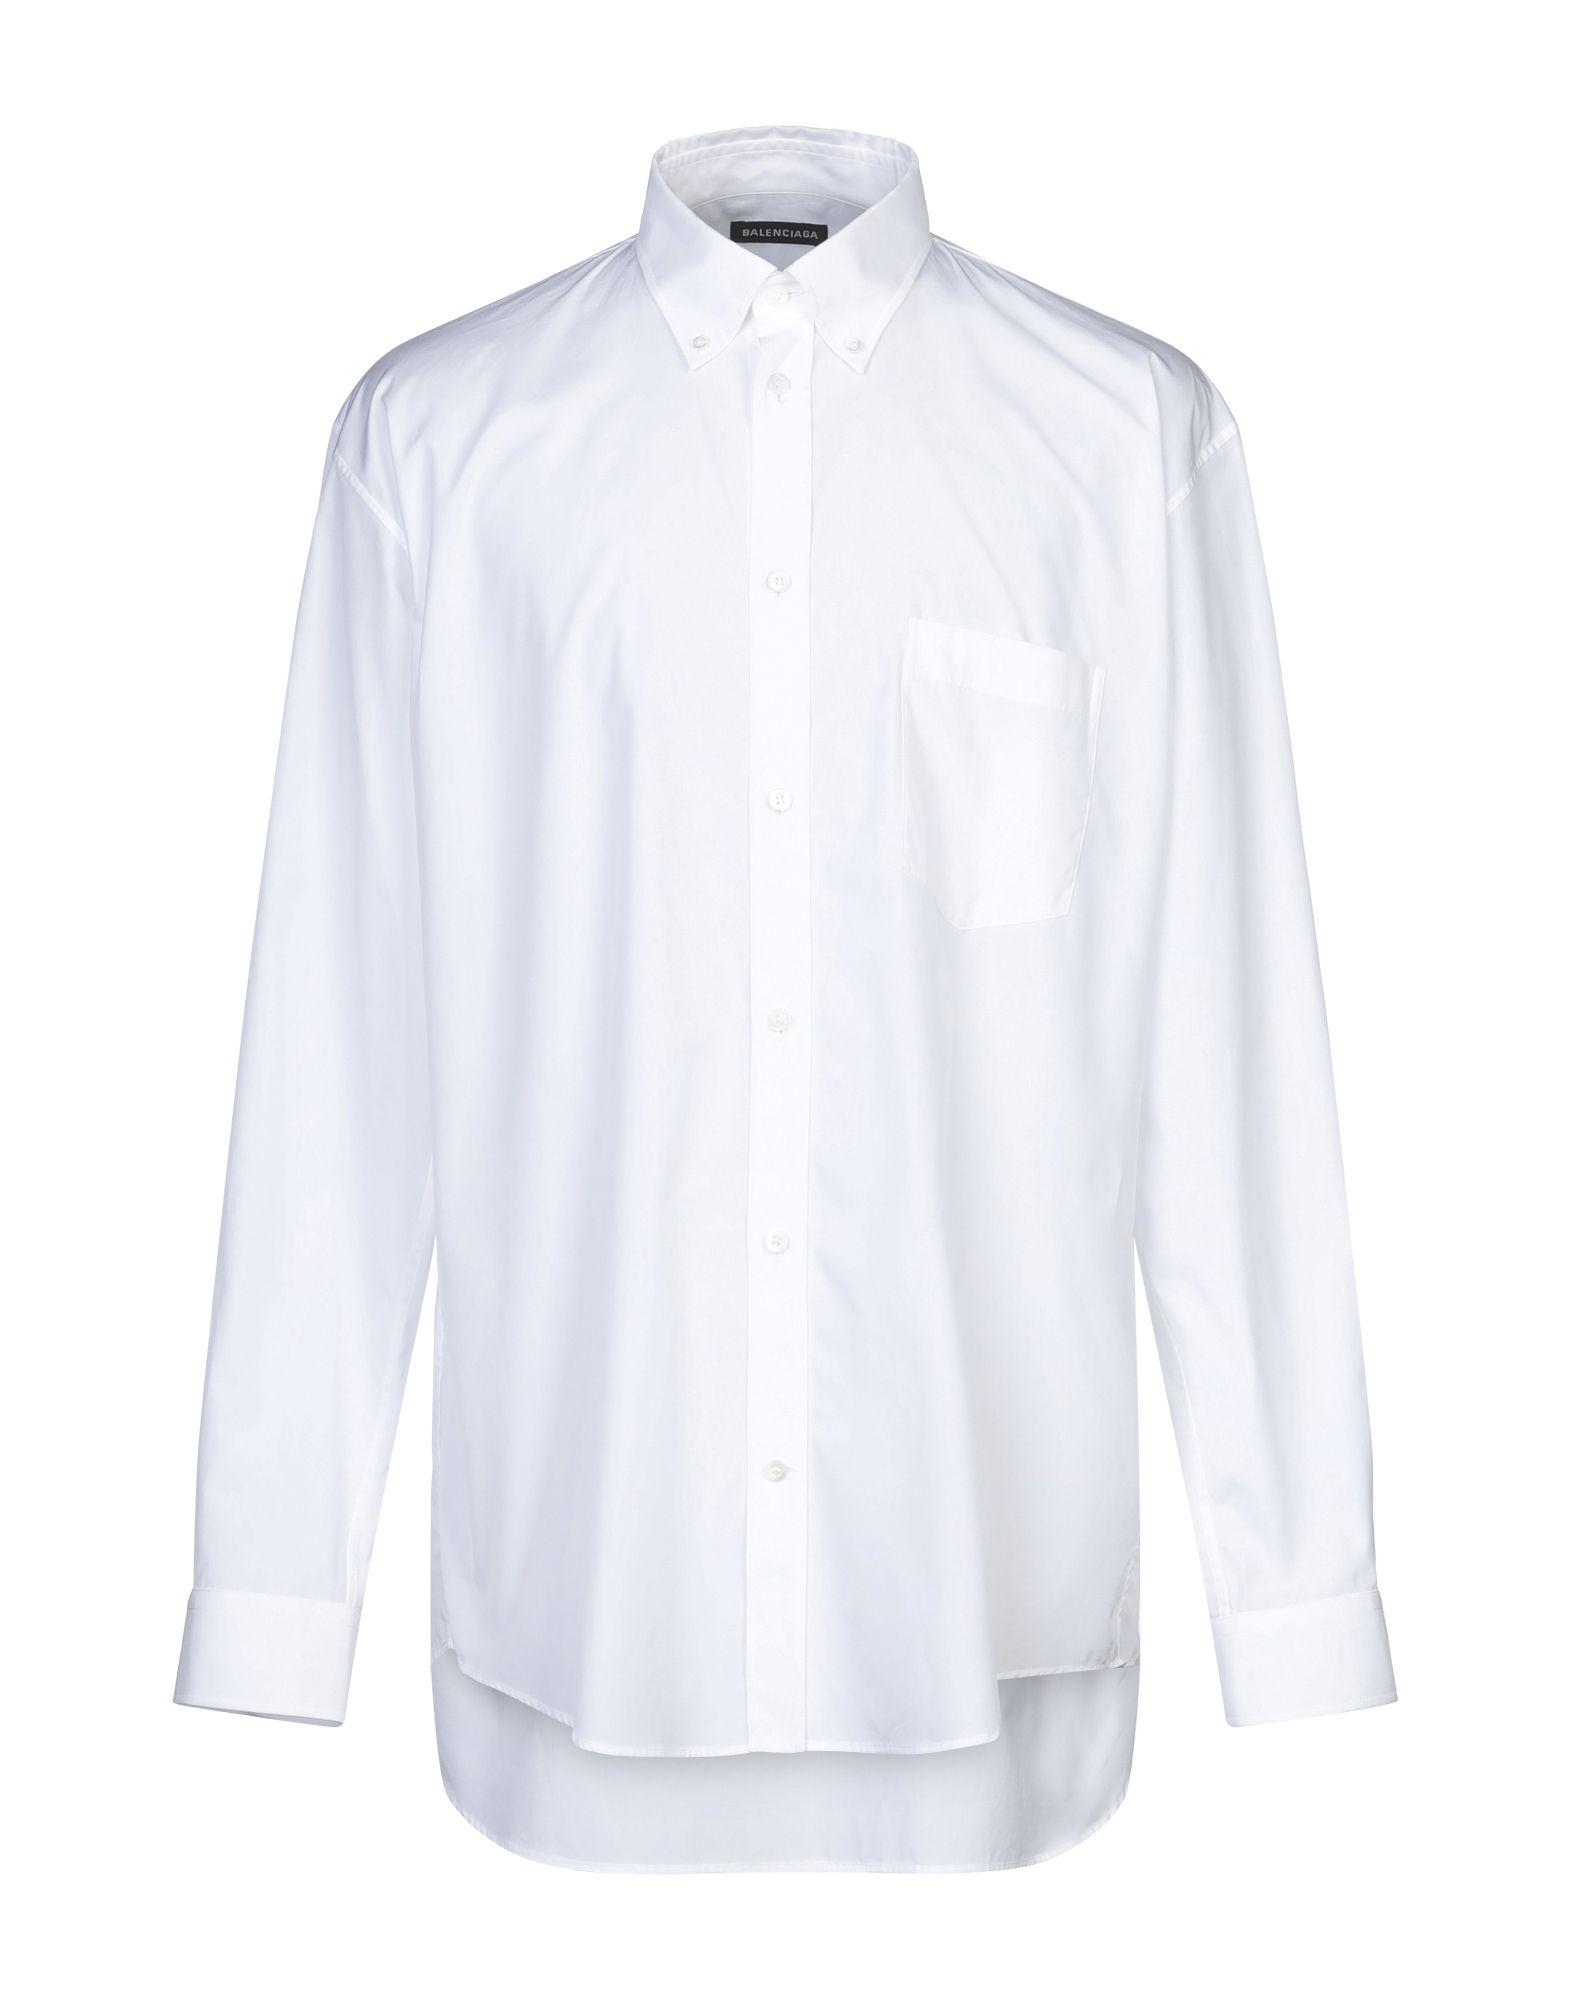 《セール開催中》BALENCIAGA メンズ シャツ ホワイト 39 コットン 100%